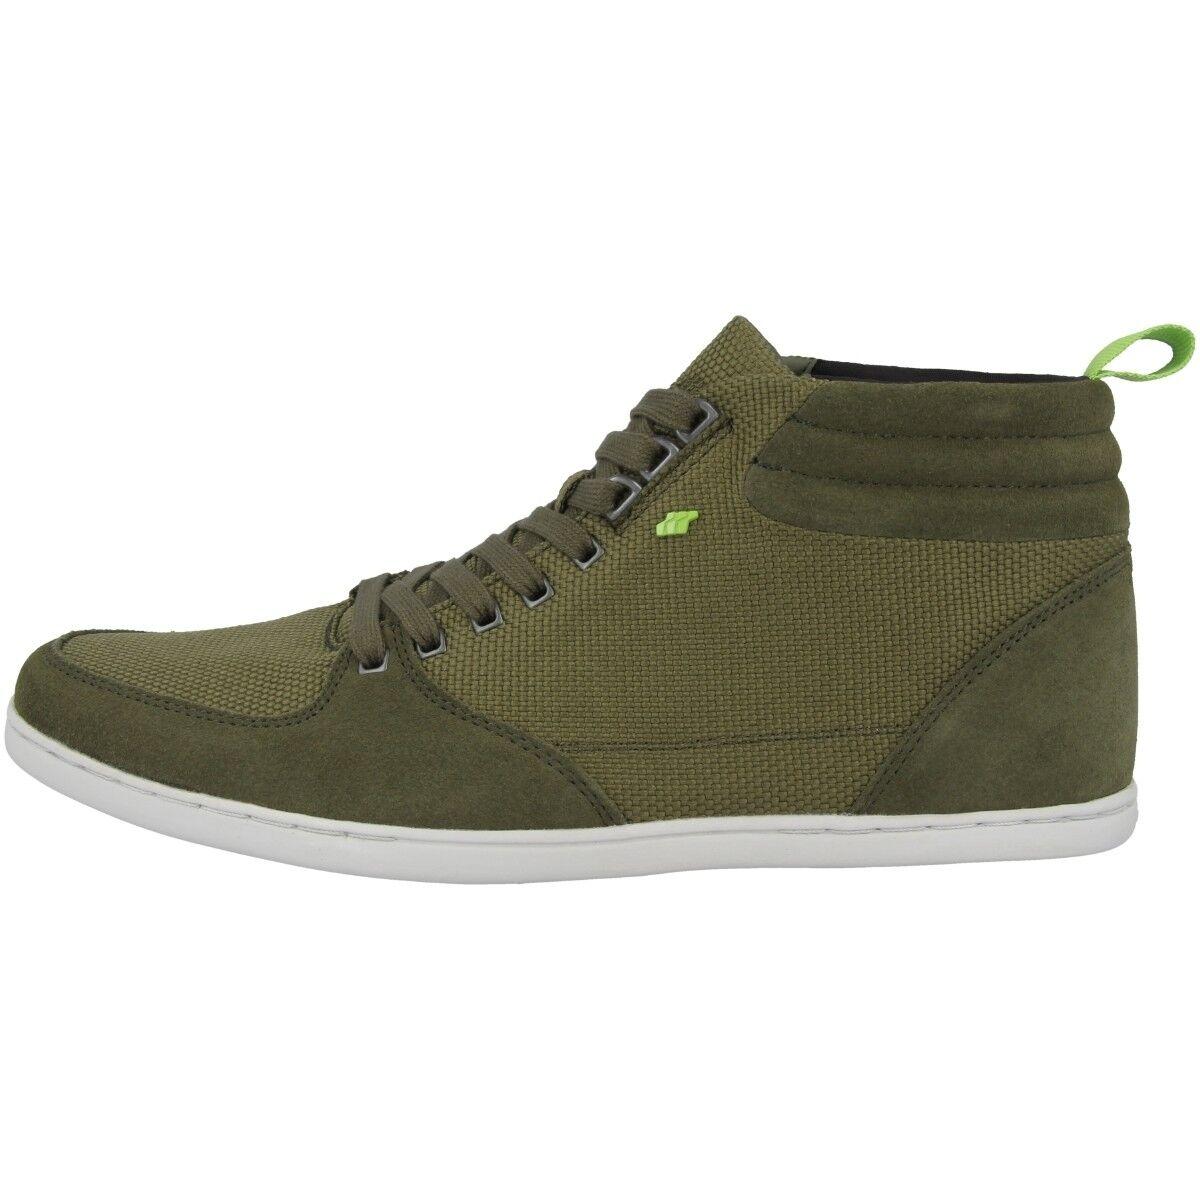 Boxfresh eplett SH BALLISTIC NYLON SUEDE Chaussures Mid Cut Basket kaki e15371